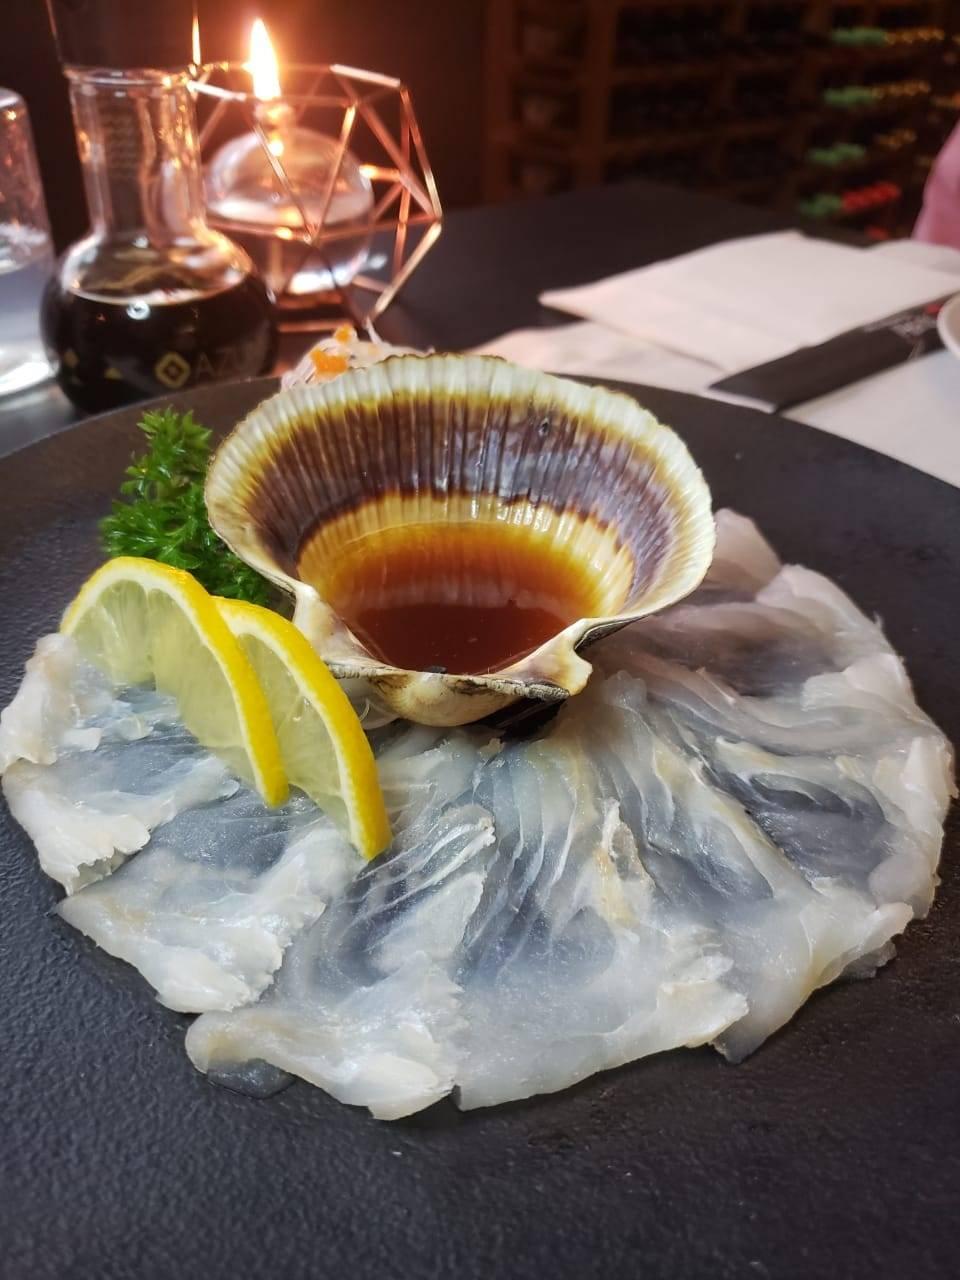 Usuzukuri, um tipo de carpaccio oriental, que traz lâminas de peixe branco (aqui, linguado) servidas com karashi (mostarda japonesa) ao molho ponzu.